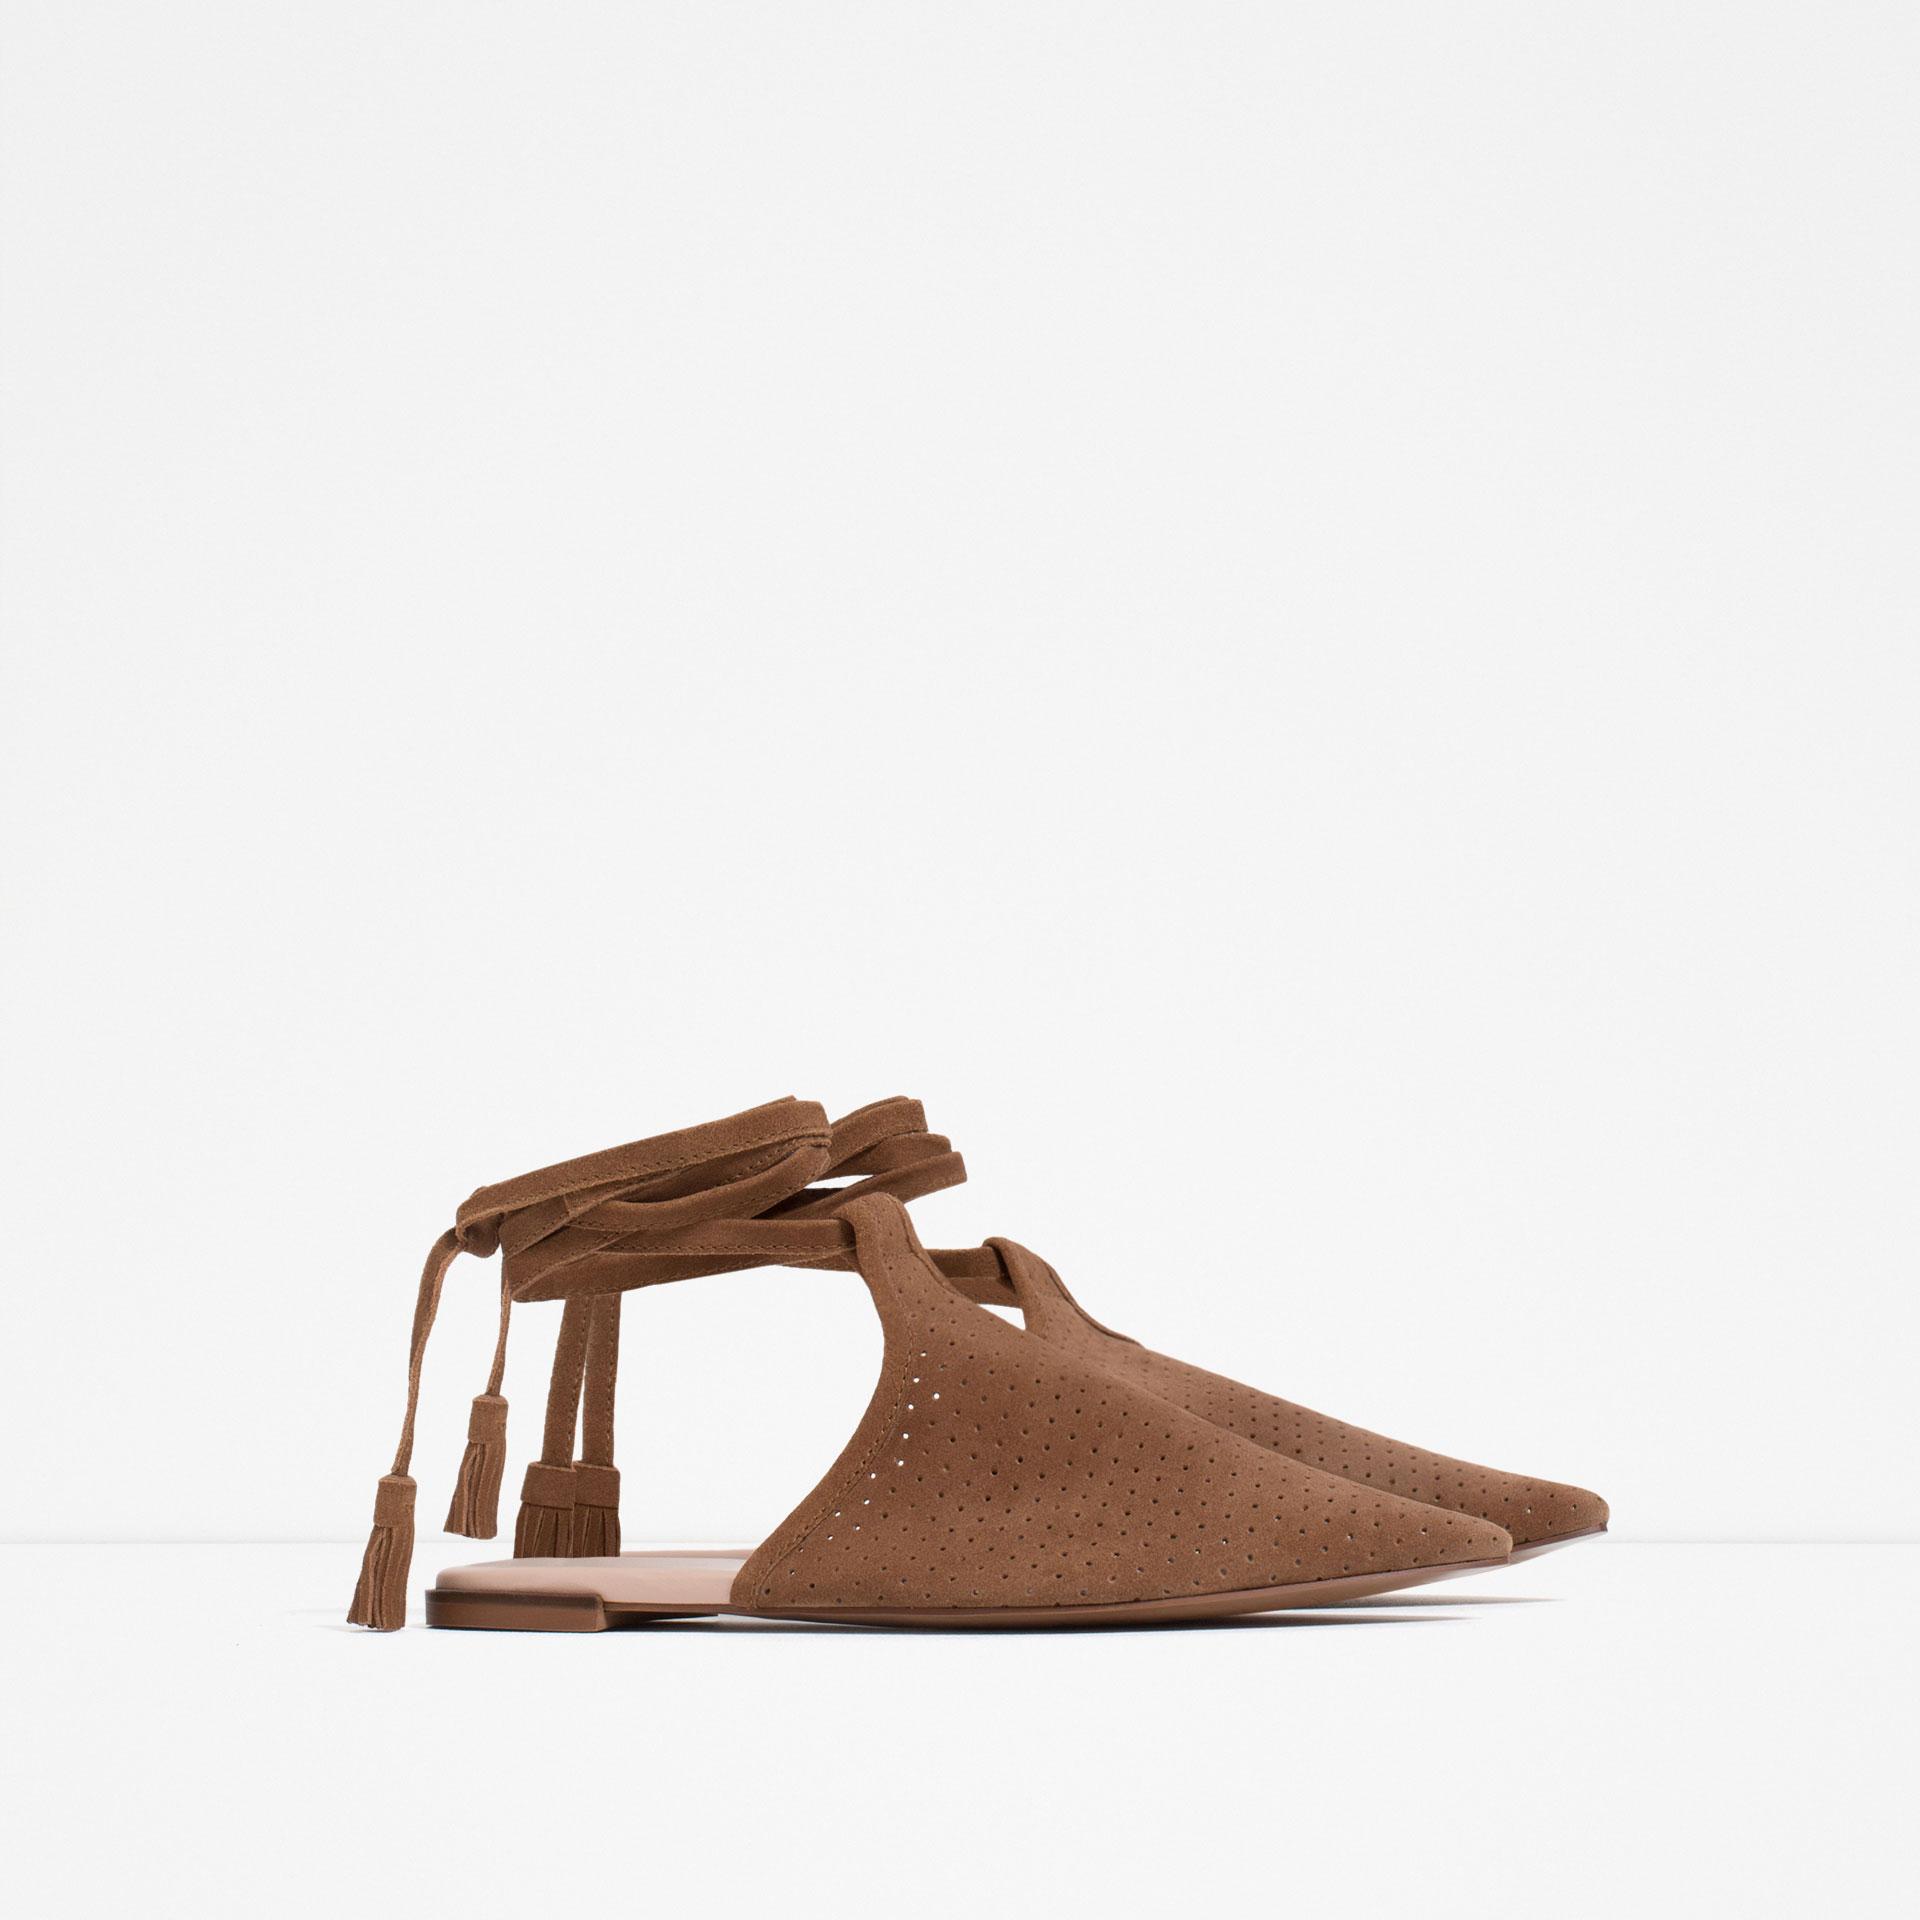 Tarz ayakkabı zara 7